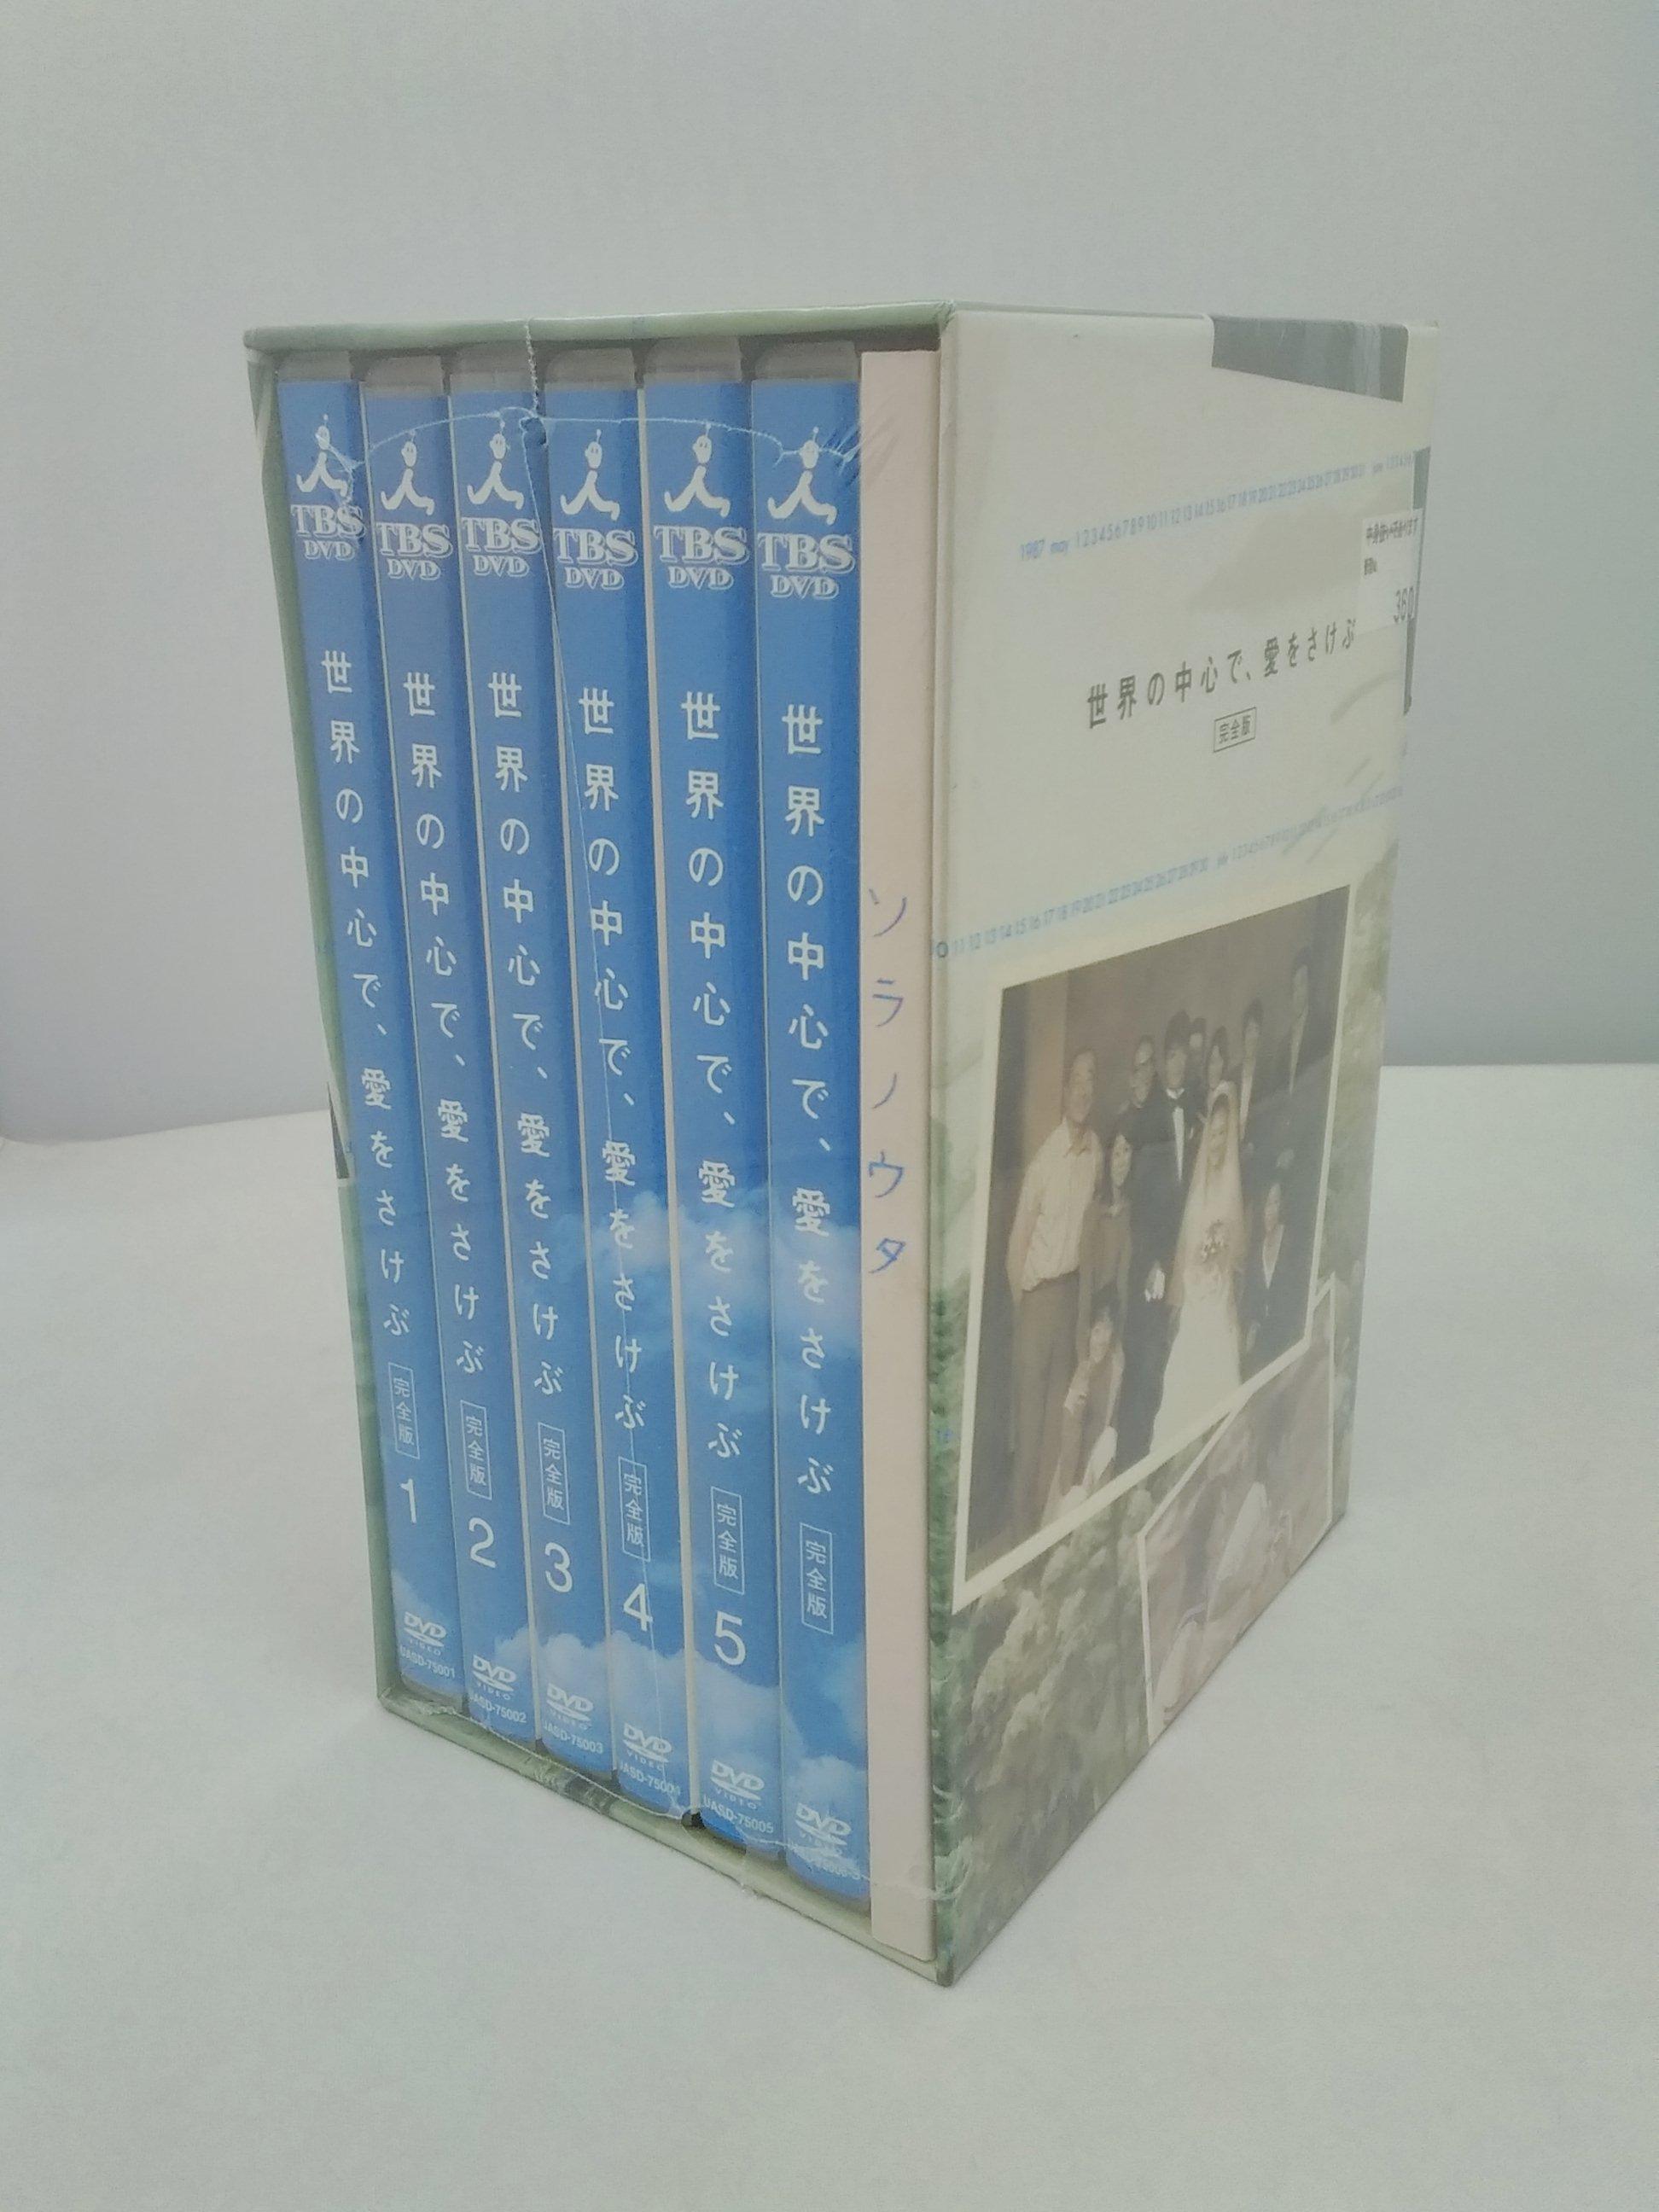 世界の中心で、愛をさけぶ DVD完全版 ユニバーサル・ピクチャーズ